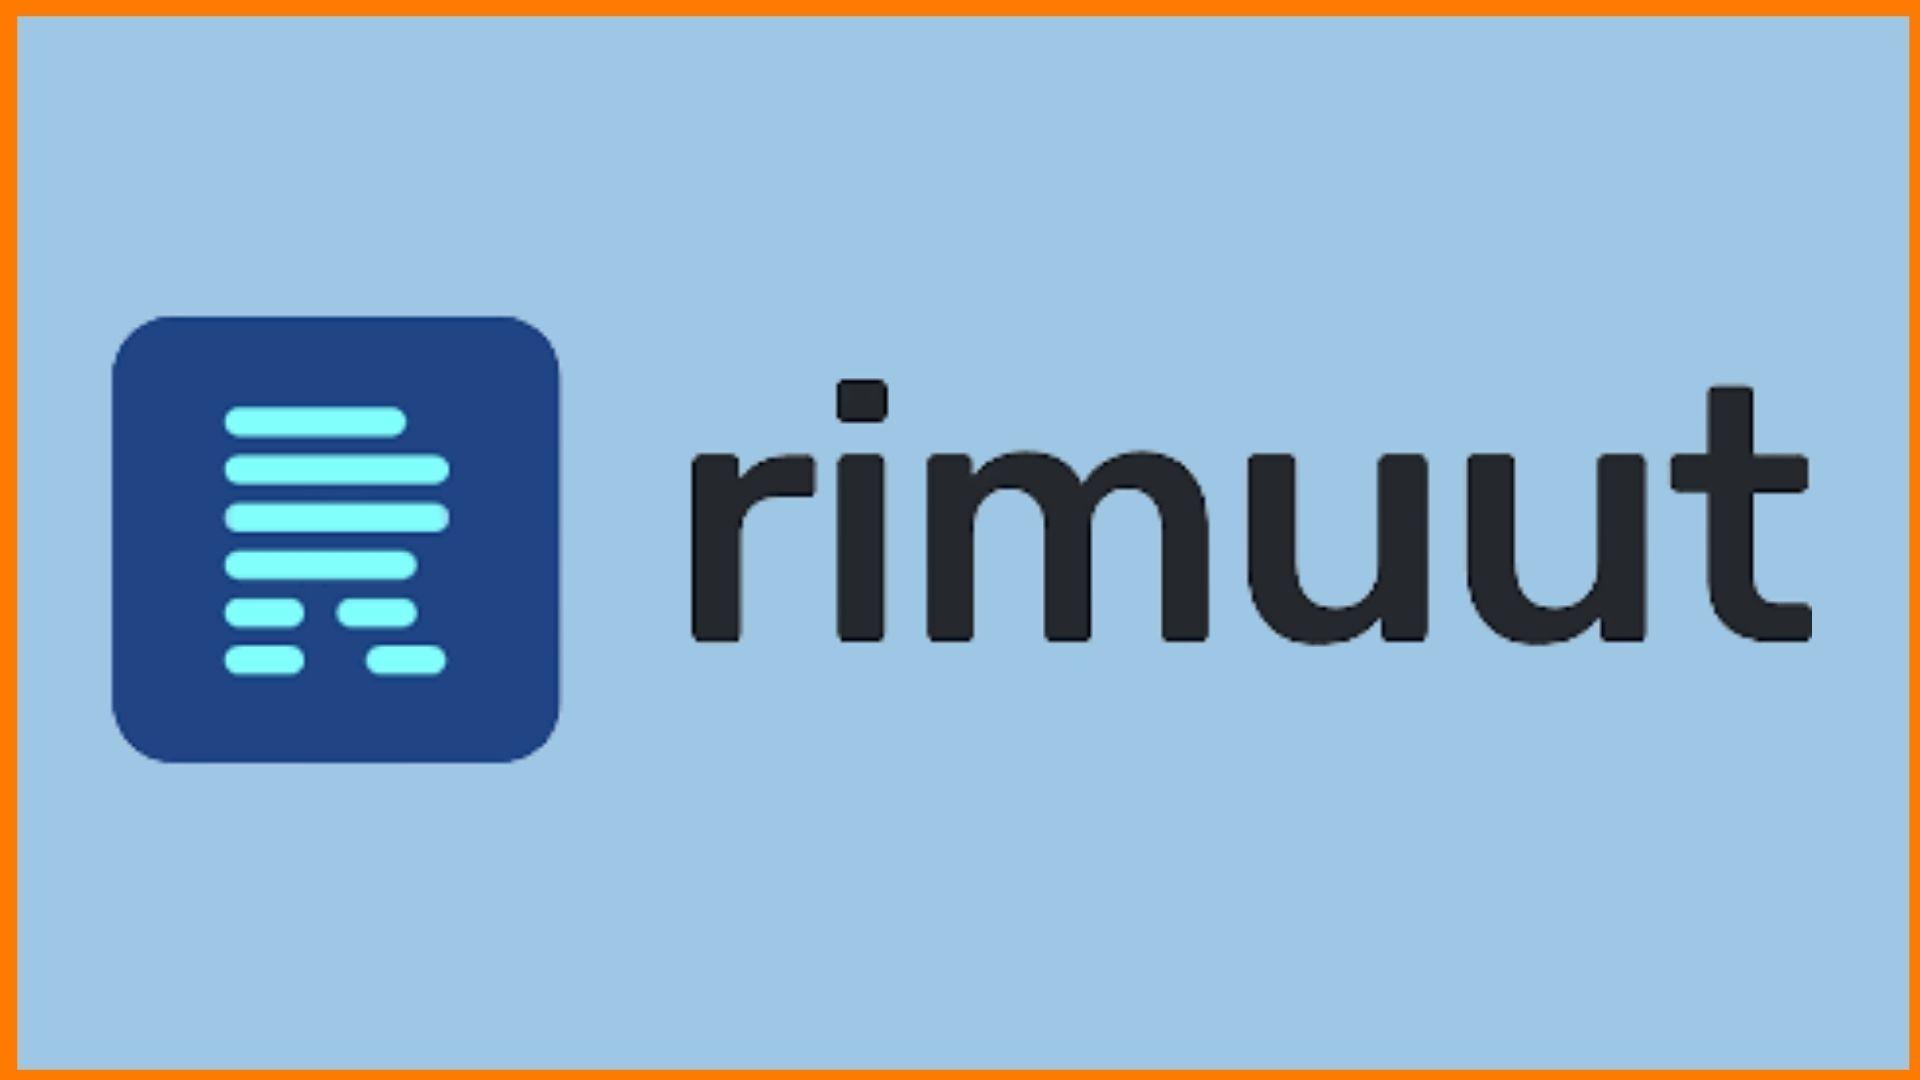 Rimuut - Transforming Freelancers Into Companies